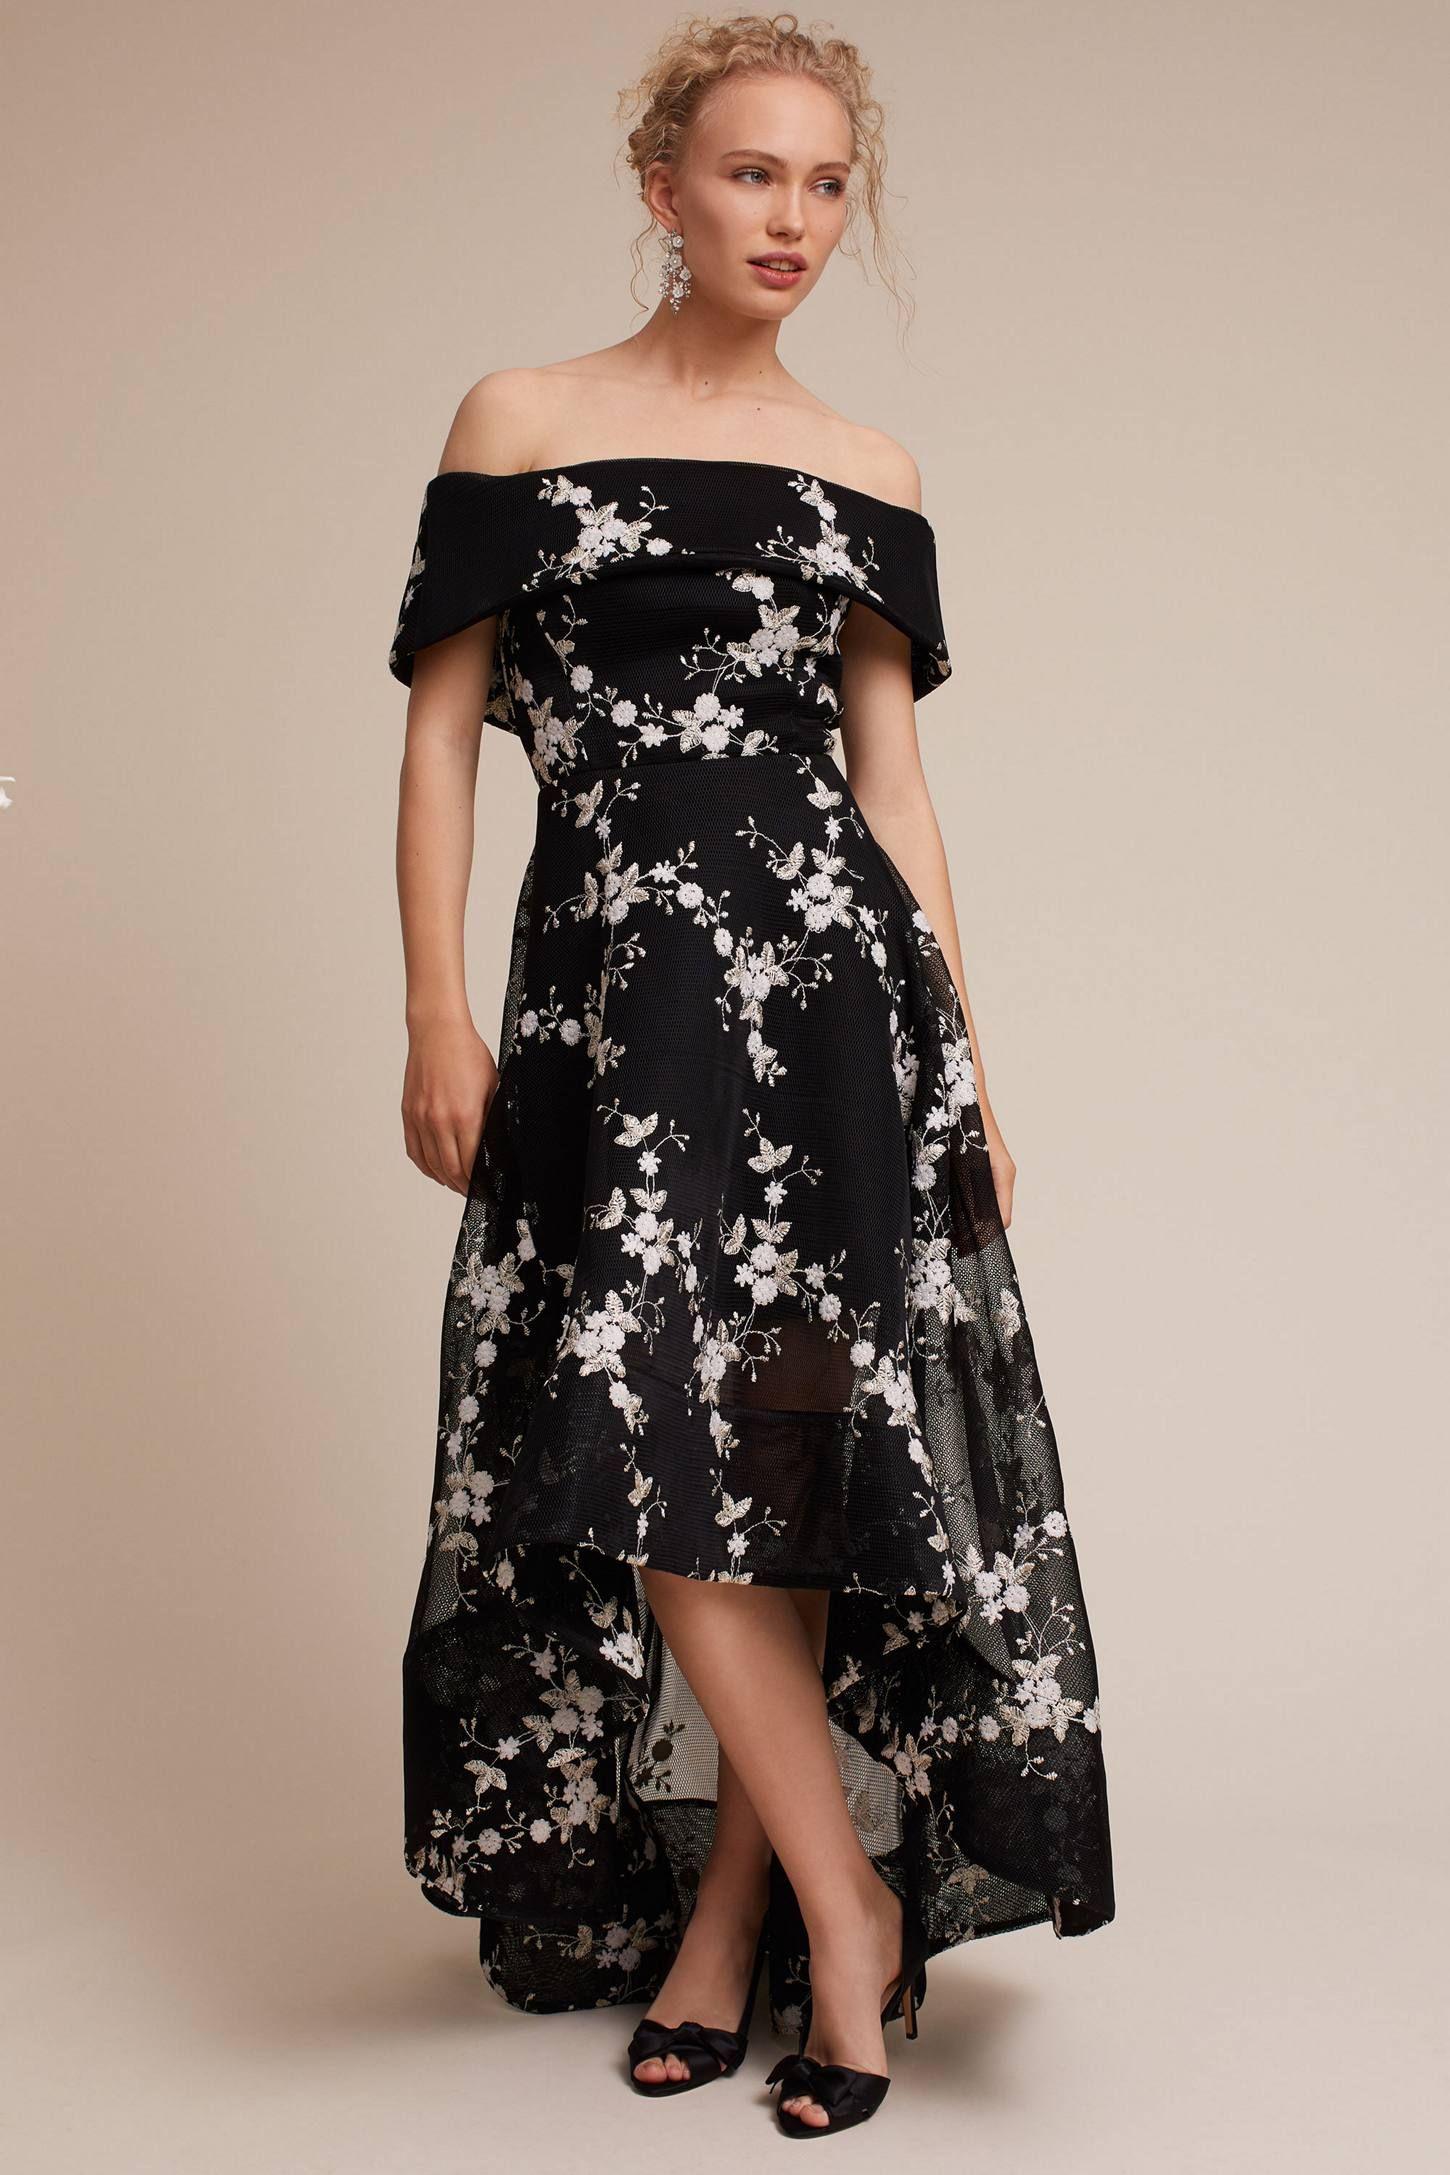 Fernanda Dress Anthropologie Dresses, Event dresses